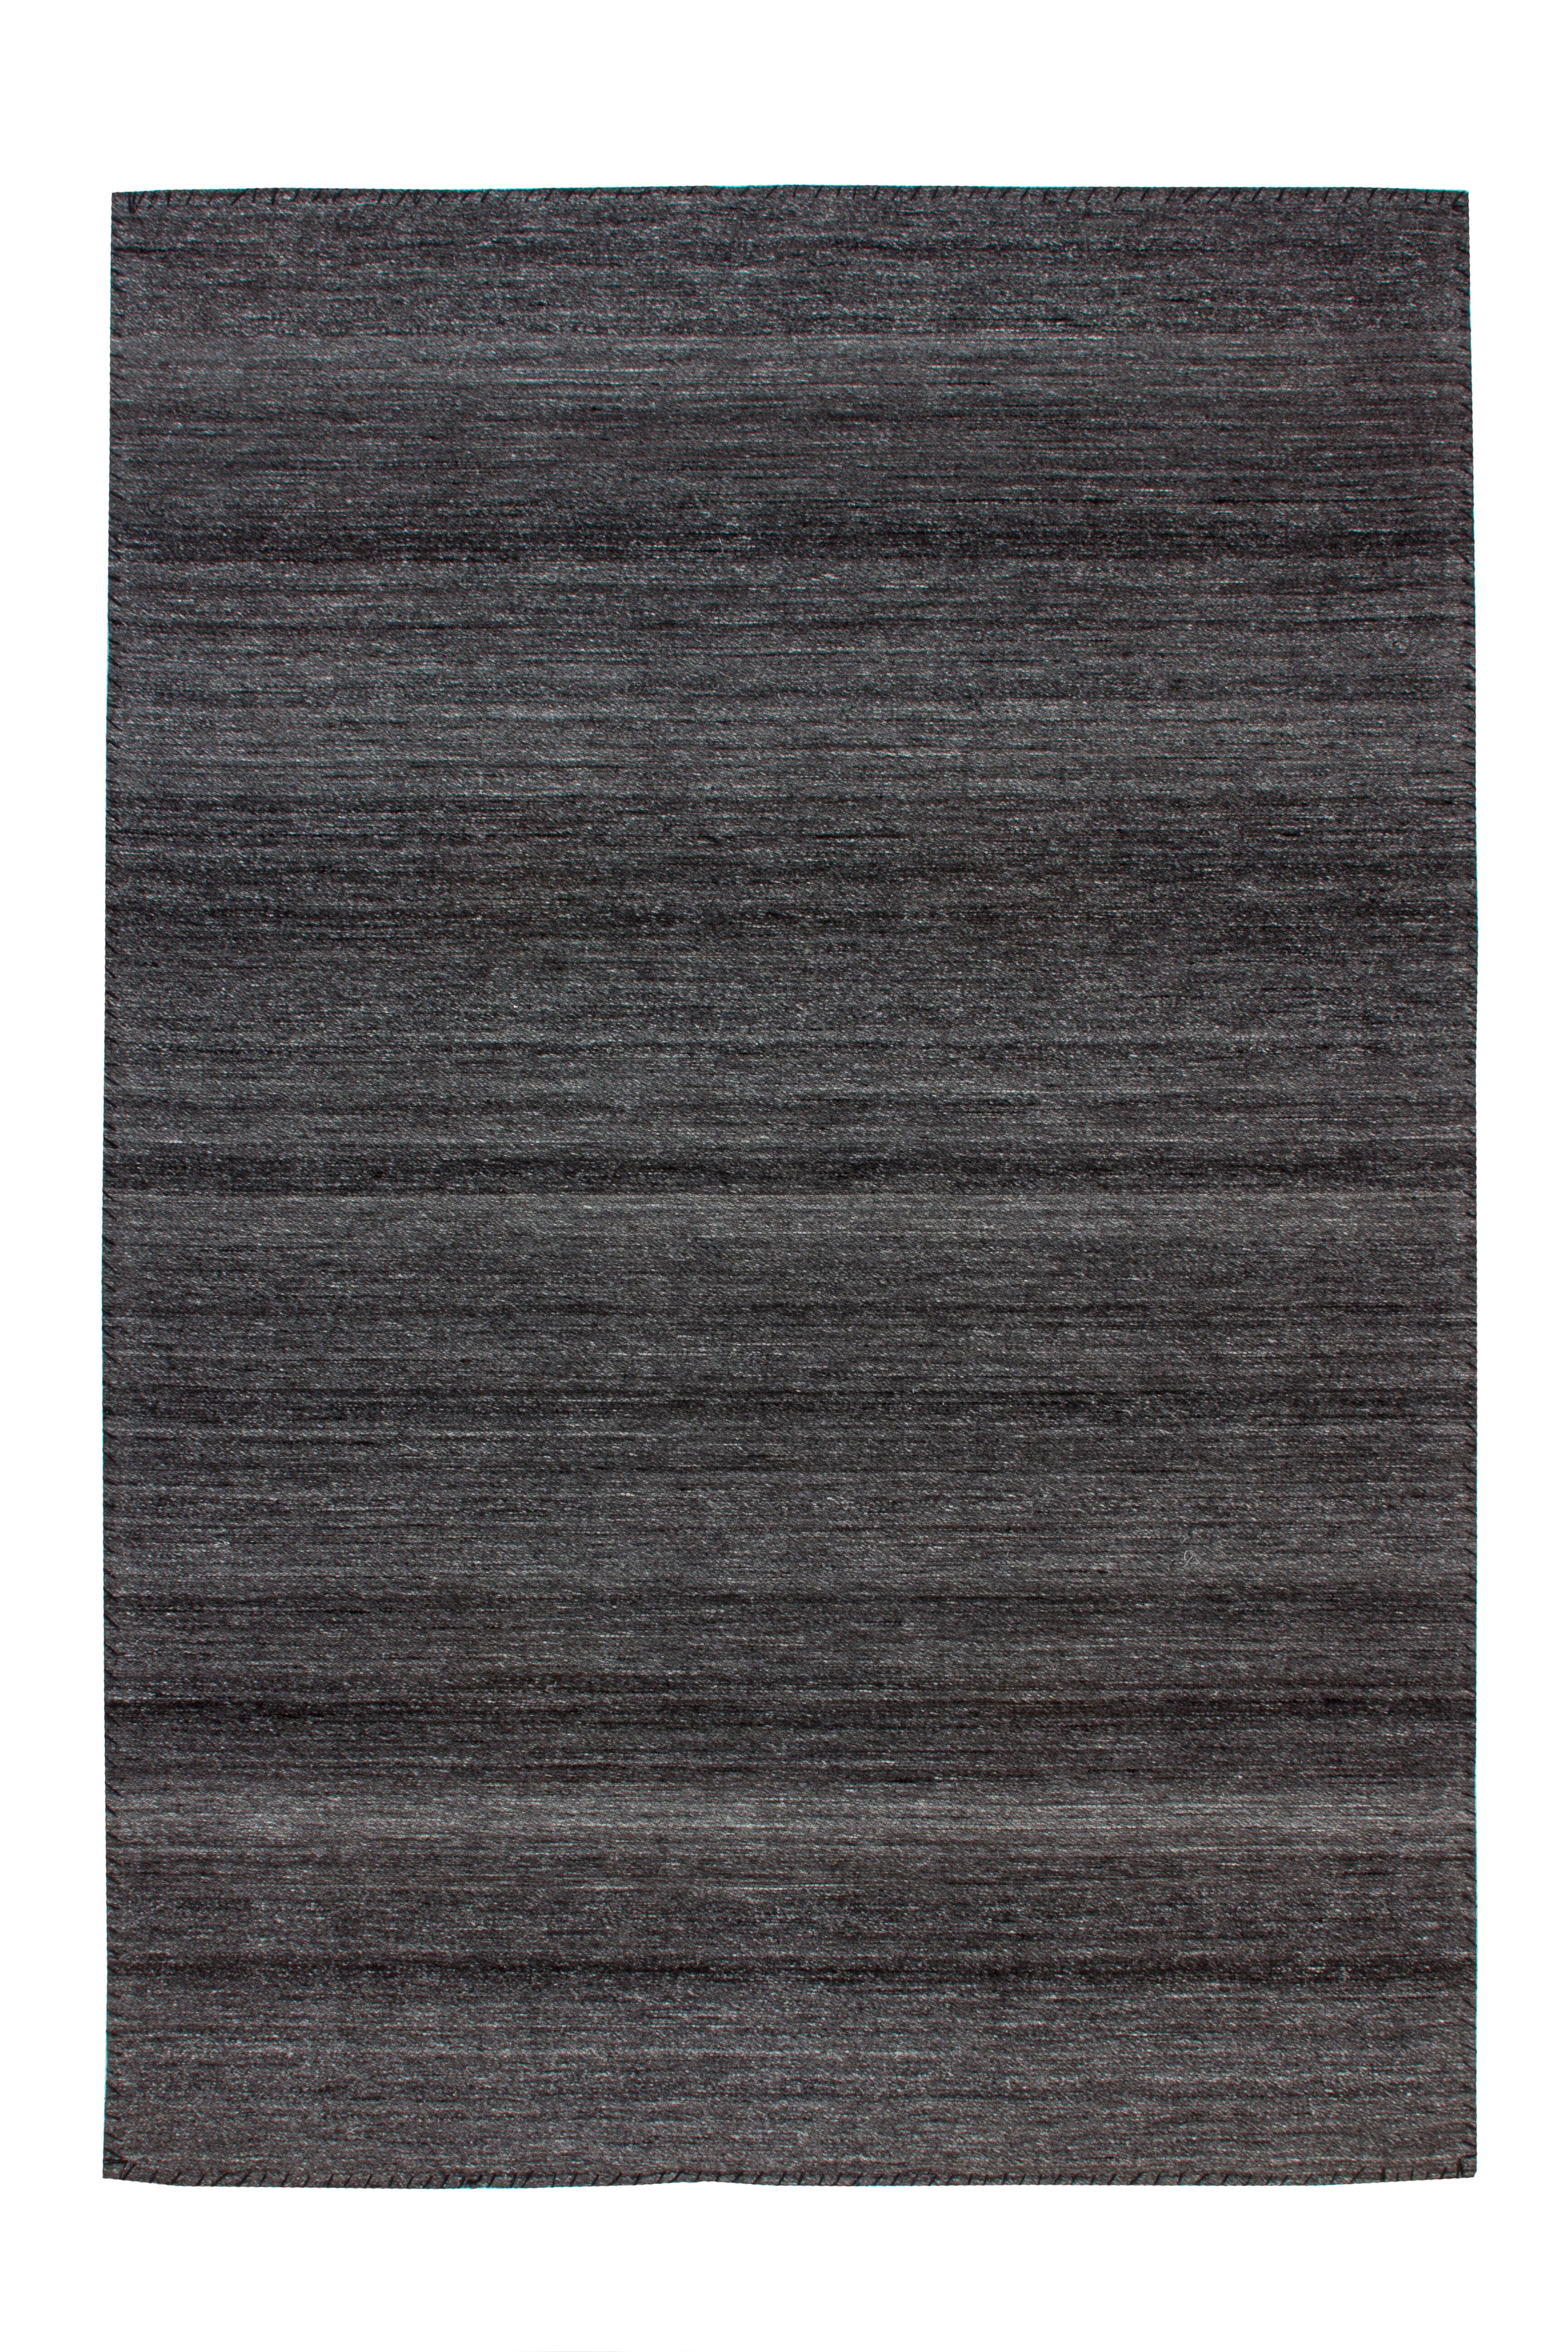 Kayoom Vloerkleed 'Phoenix 210' kleur Antraciet / Grijs, 80 x 150cm